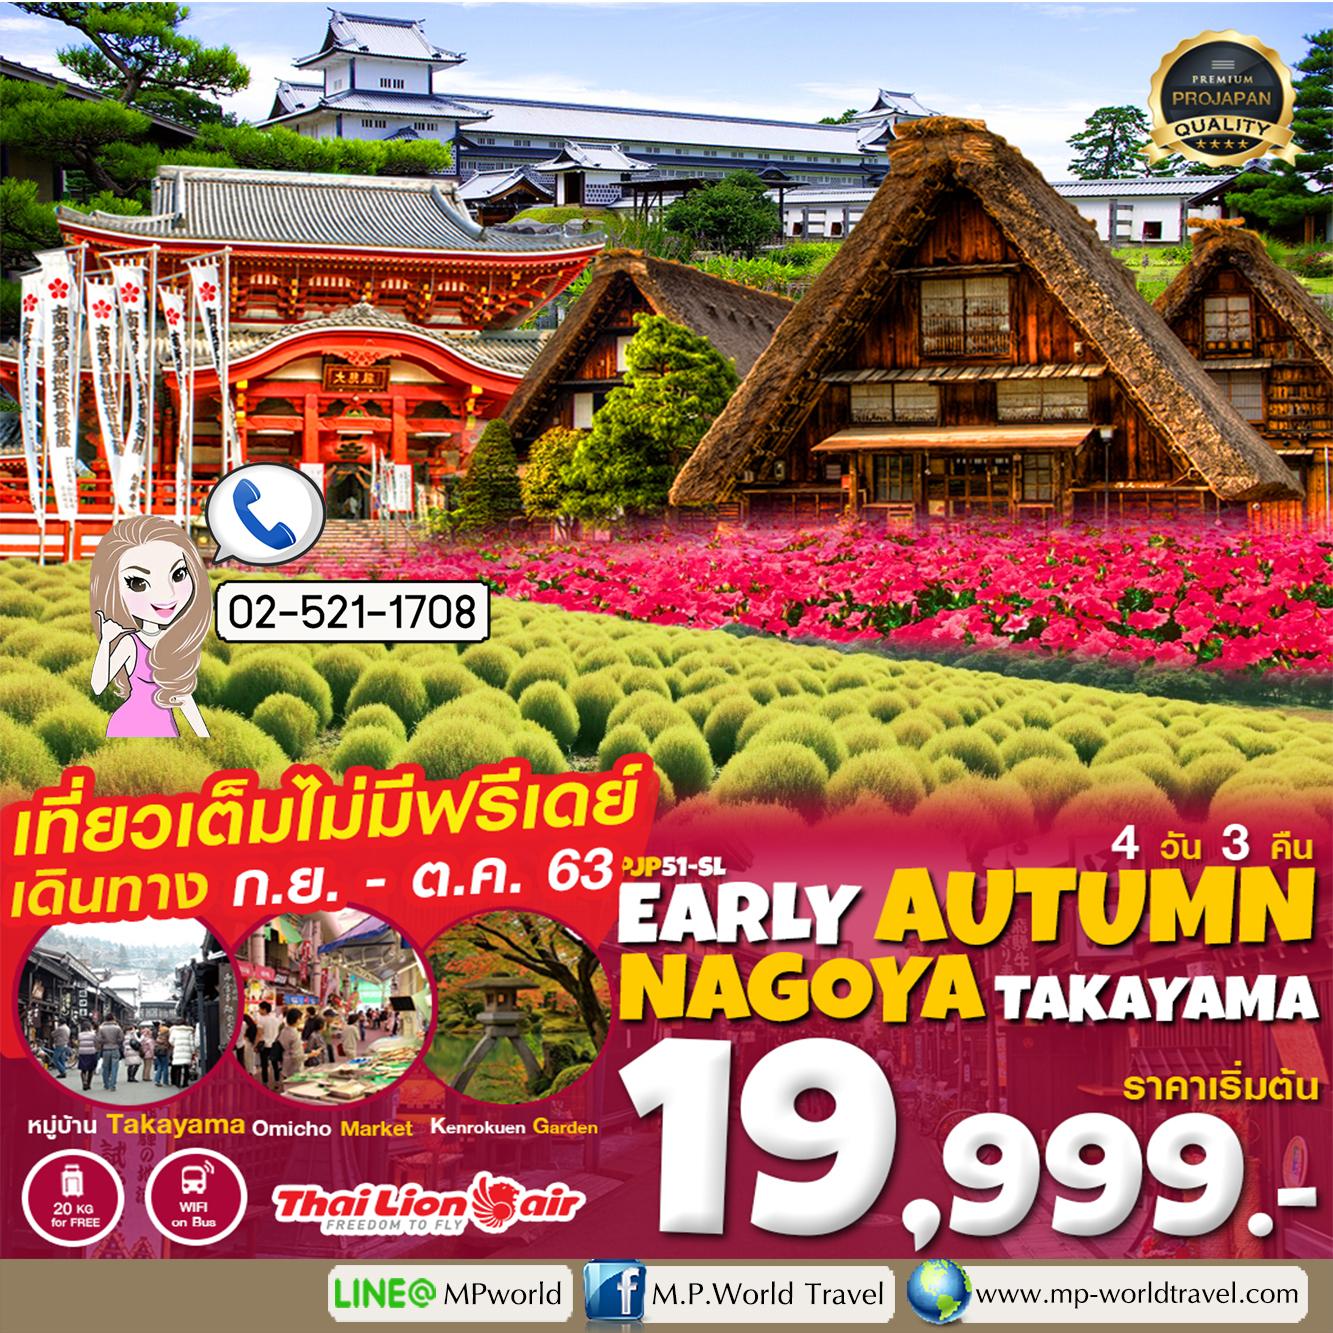 ทัวร์ญี่ปุ่น PJP51-SL PRO EARLY AUTUMN NAGOYA TAKAYAMA KANAZAWA 4D 3N SL